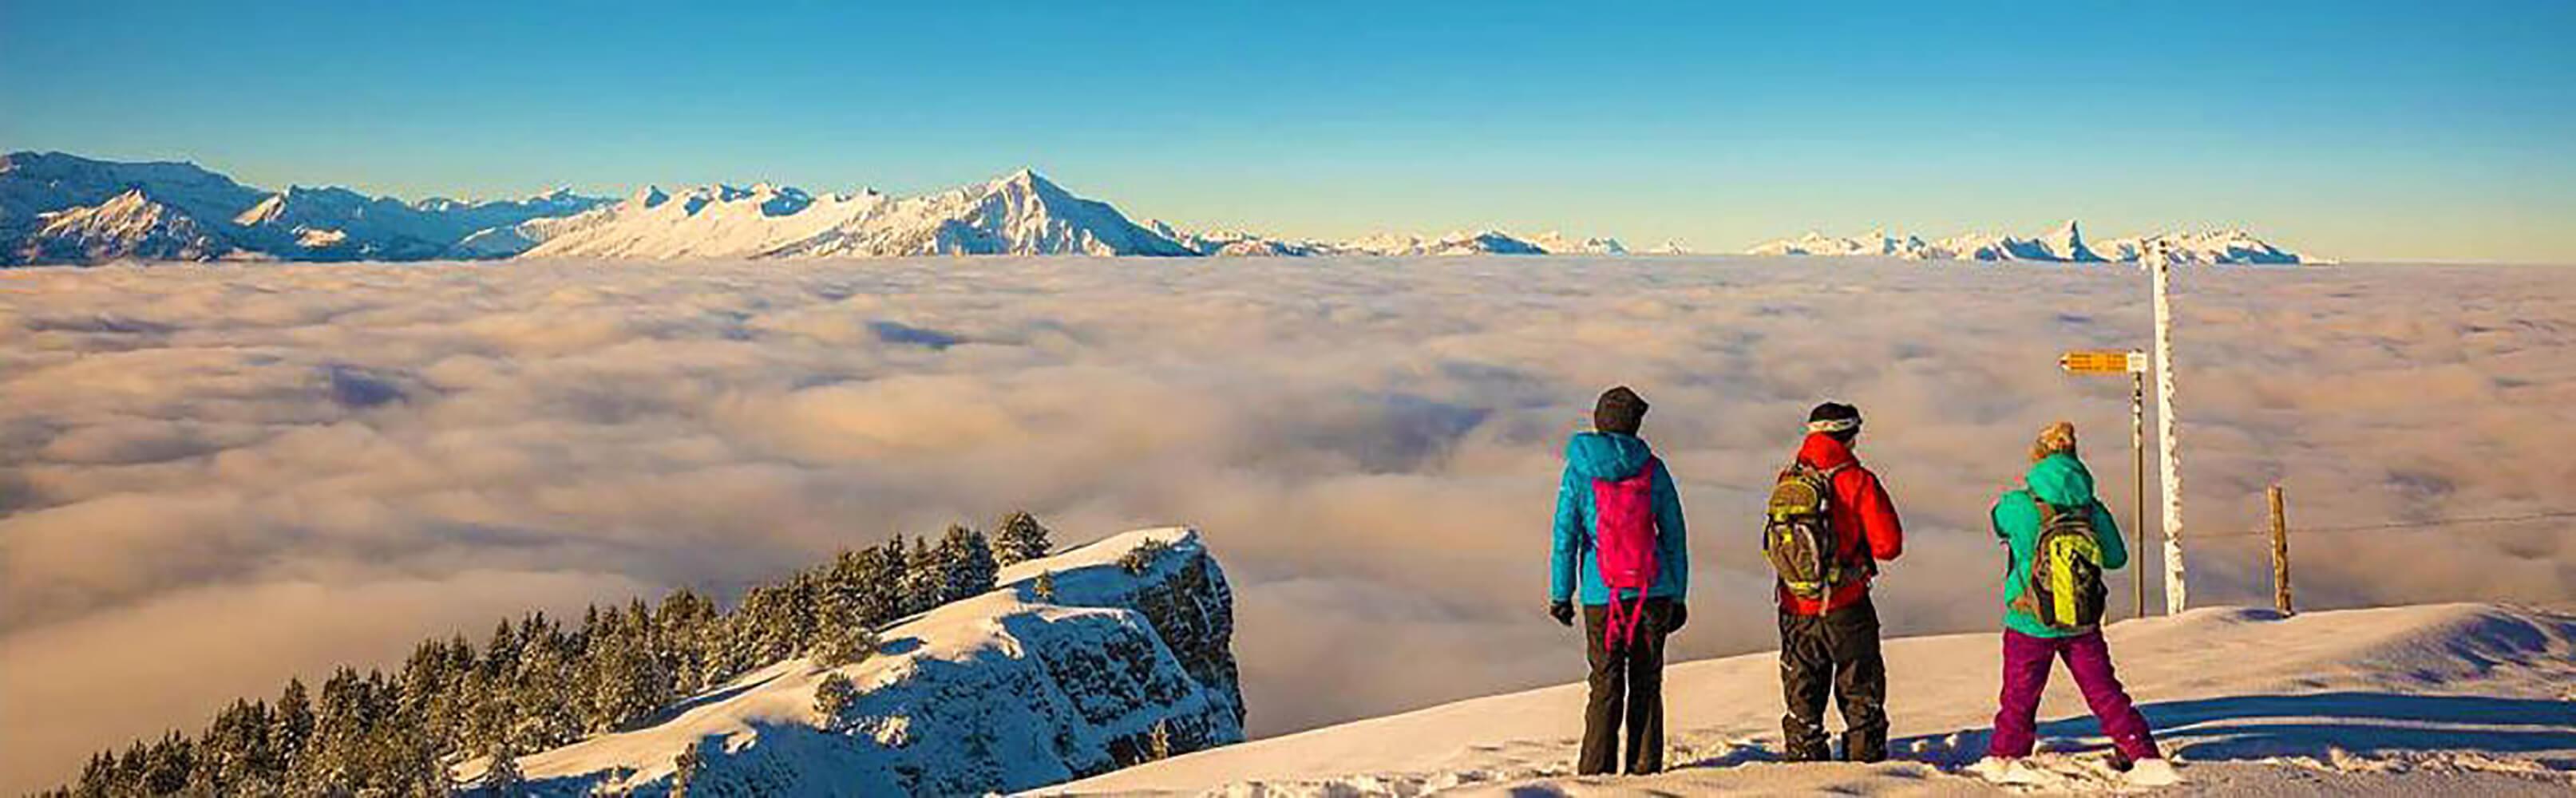 Interlaken - Wintererlebnisse, rasant bis romantisch 1